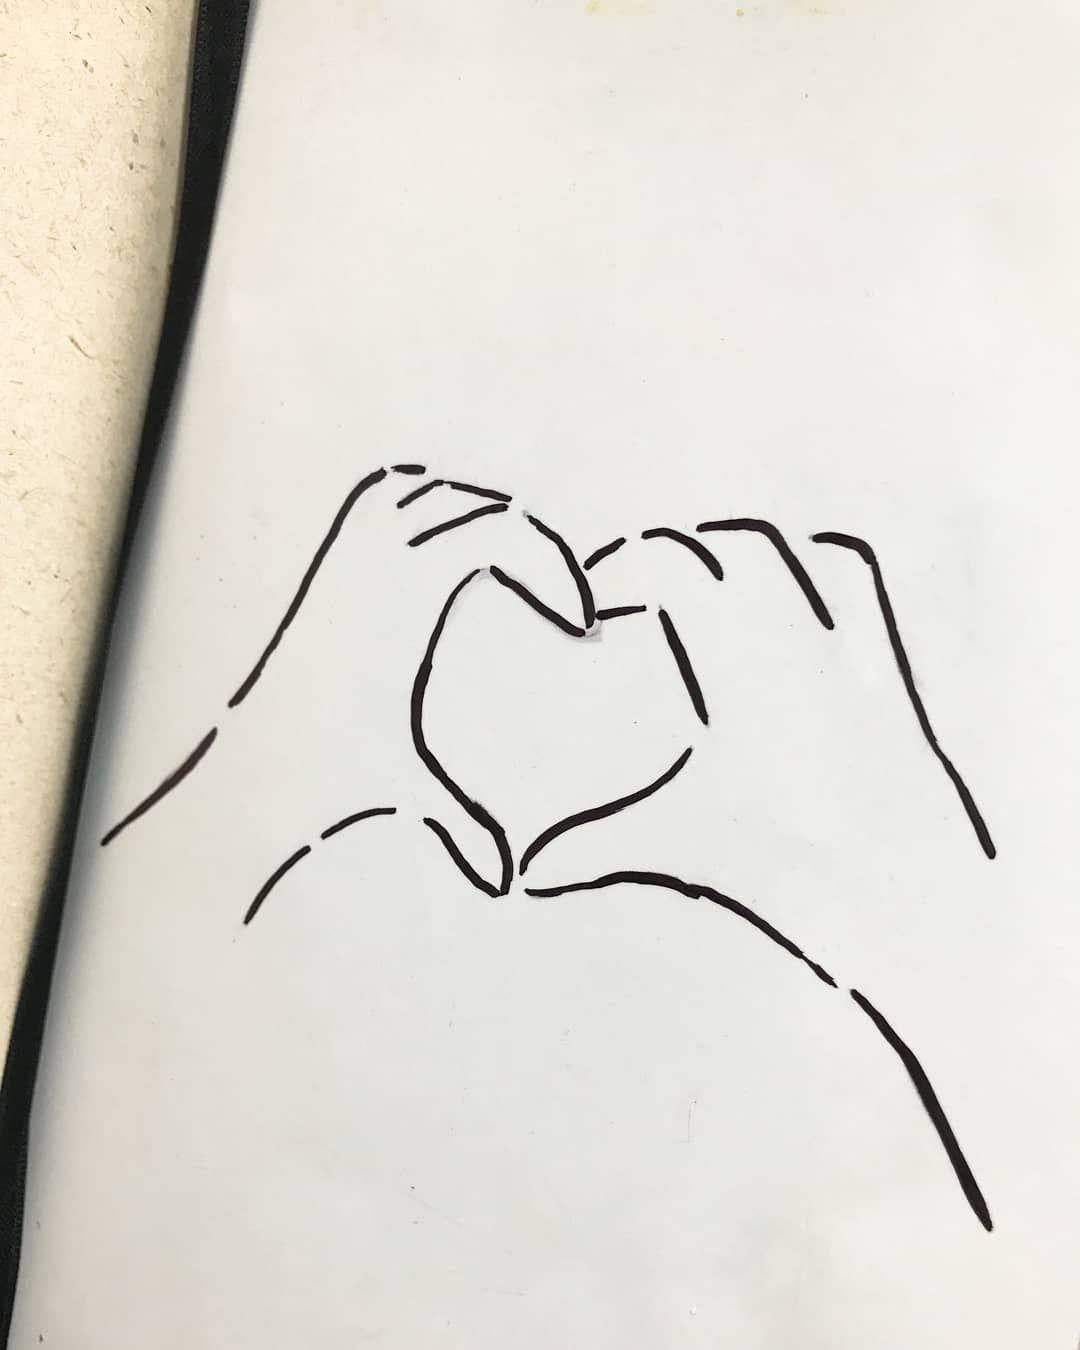 Es Fascinante Como Las Sonrisas Mas Sinceras Son Las Que Acompanan Los Recuerdos Y No Dibujos Para Amigas Faciles Dibujos Para Amigas Dibujos Sencillos De Amor